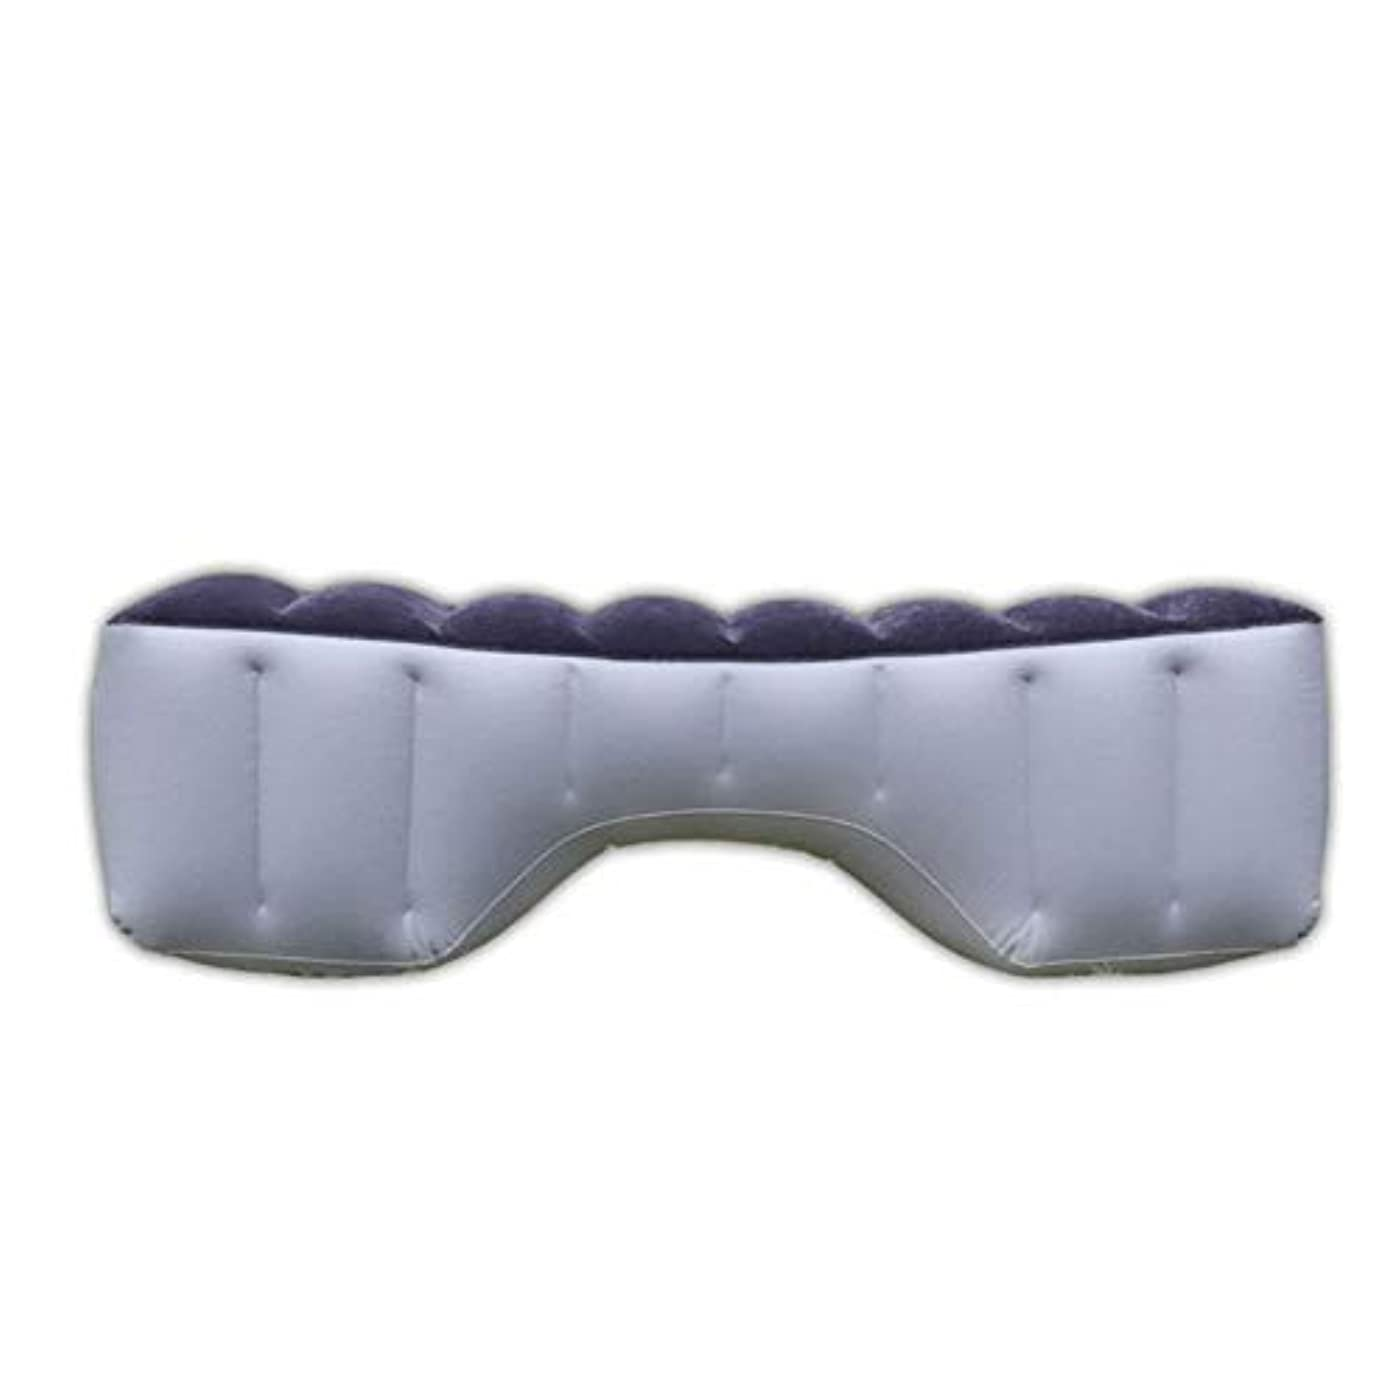 発掘する協定ポットBXXU爪切りセットステンレス鋼ブラックペディキュアはさみピンセットマニキュアセットツールセット爪マニキュアツール